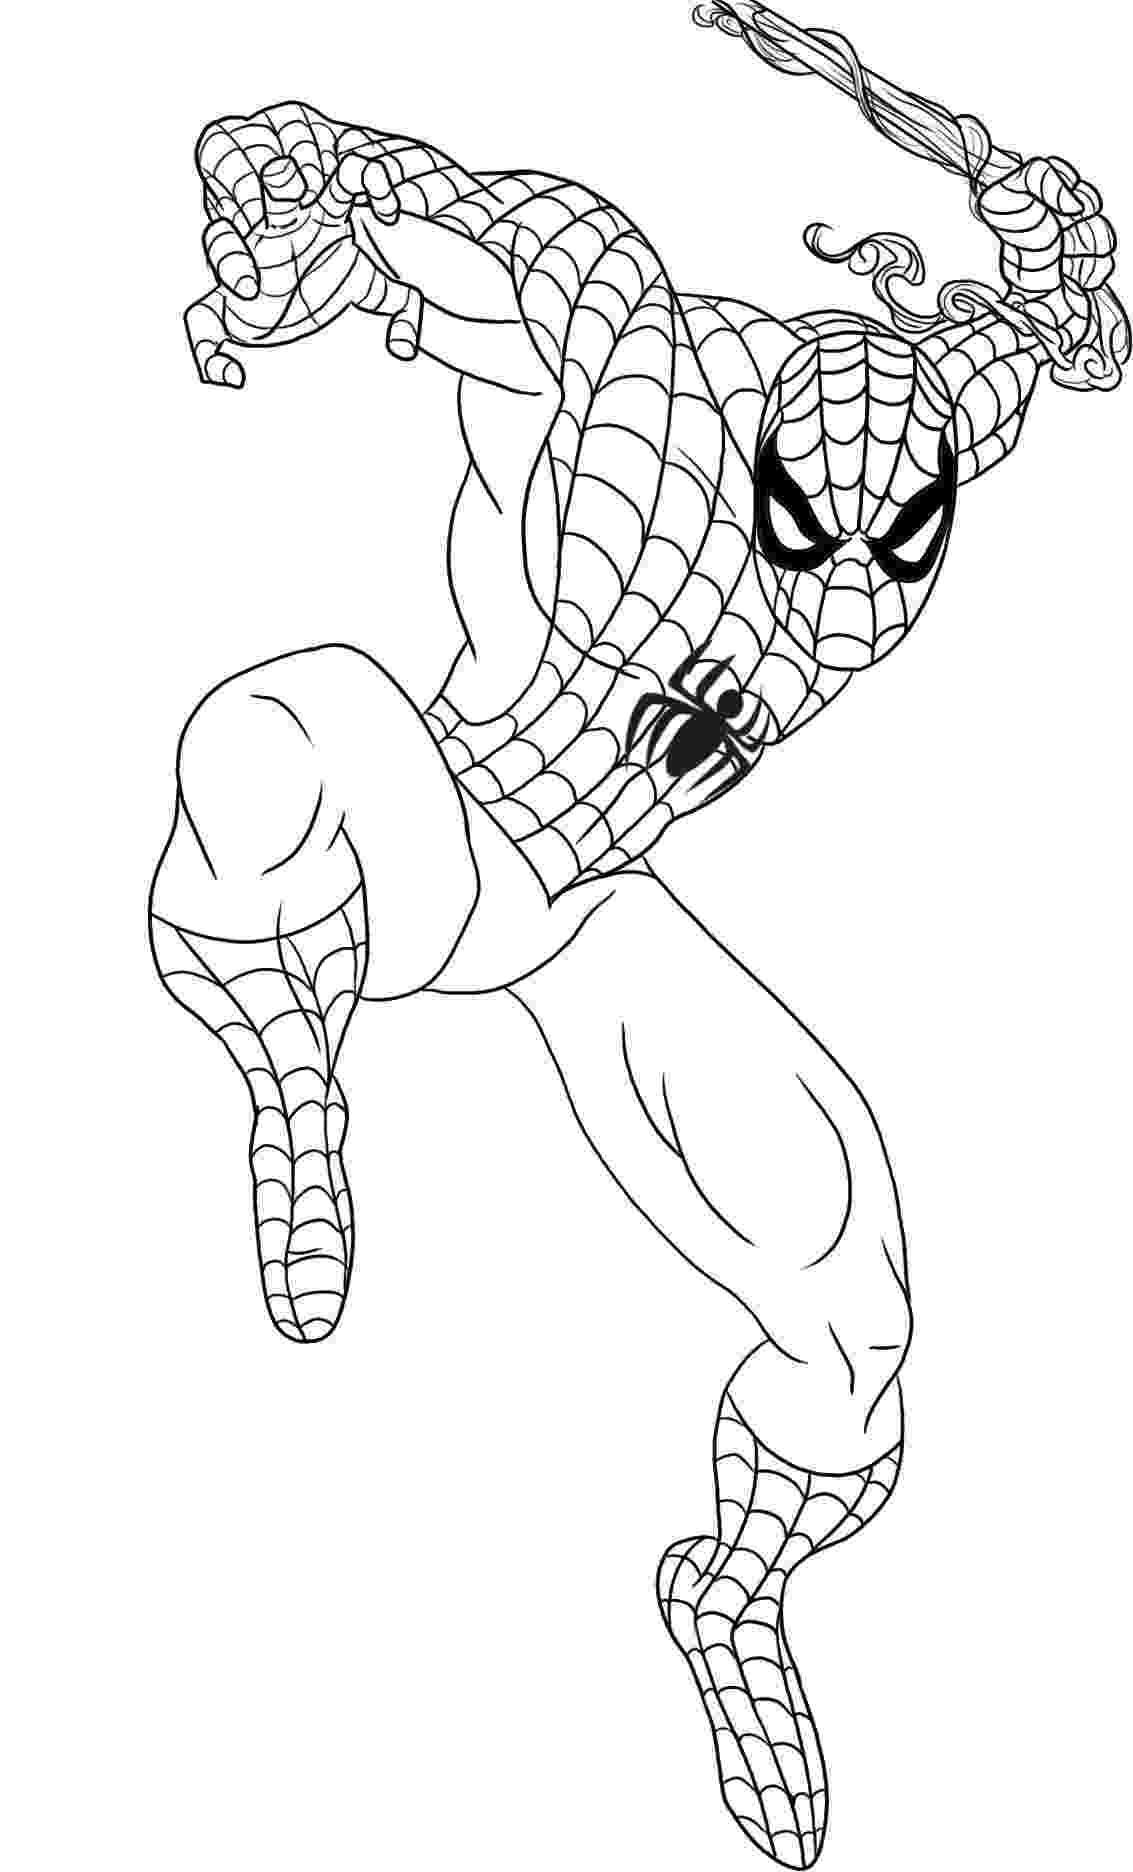 printable spiderman spiderman coloring pages printable spiderman